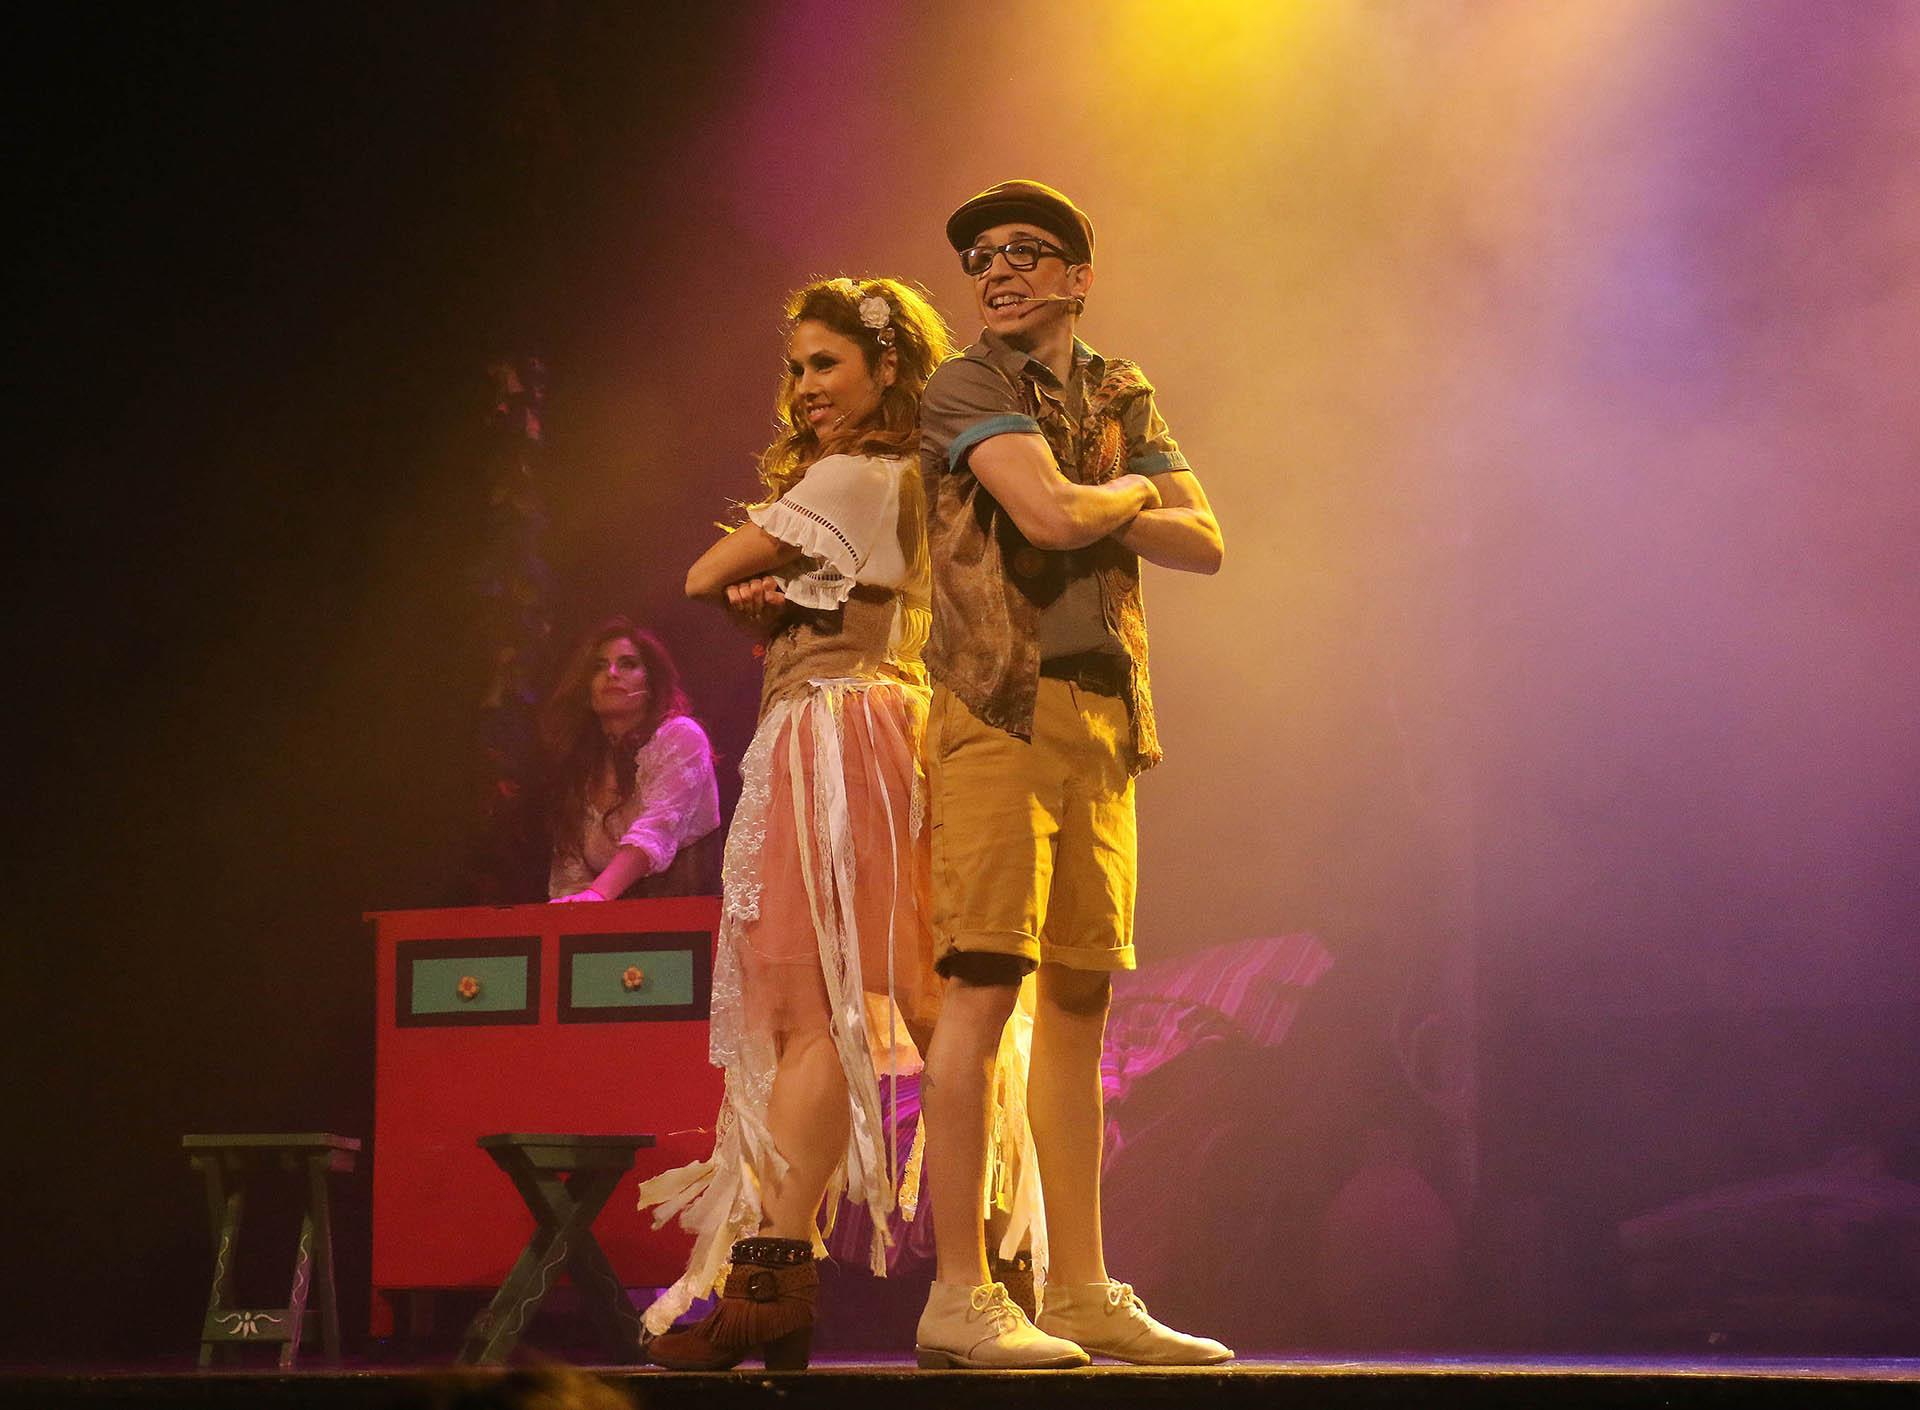 """Barby Silenzi y Rodrigo Noya realizaron una función de prensa del infantil """"El mundo de Hansel y Gretel"""" en el Regina. Se rumorea que la bailarina y el actor tienen un romance (Veronica Guerman / Teleshow)"""